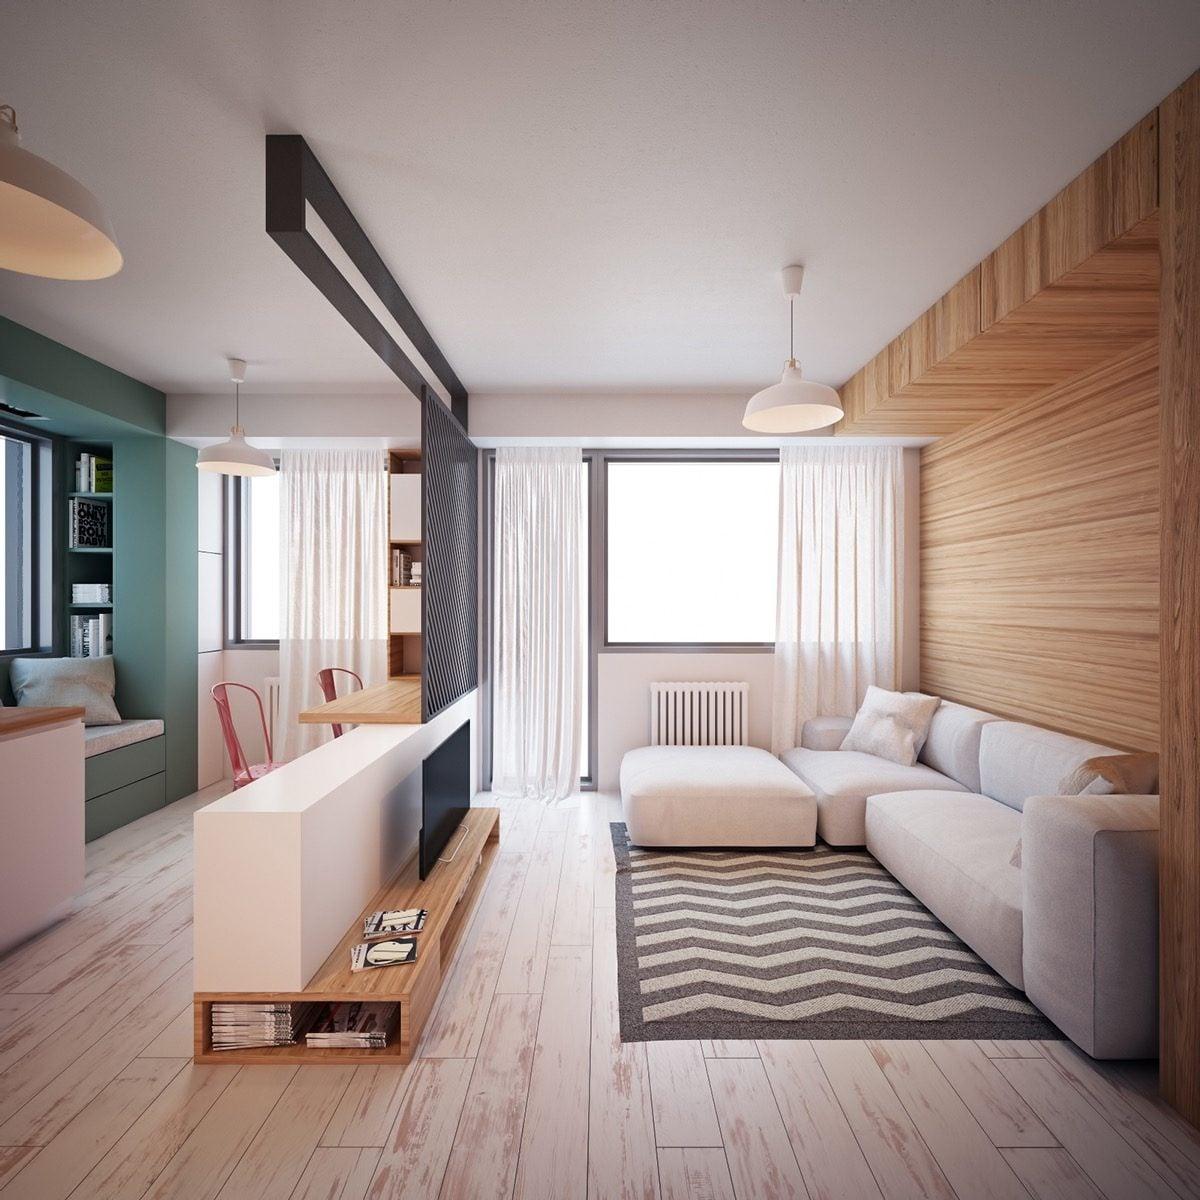 mẫu căn hộ siêu nhỏ 9